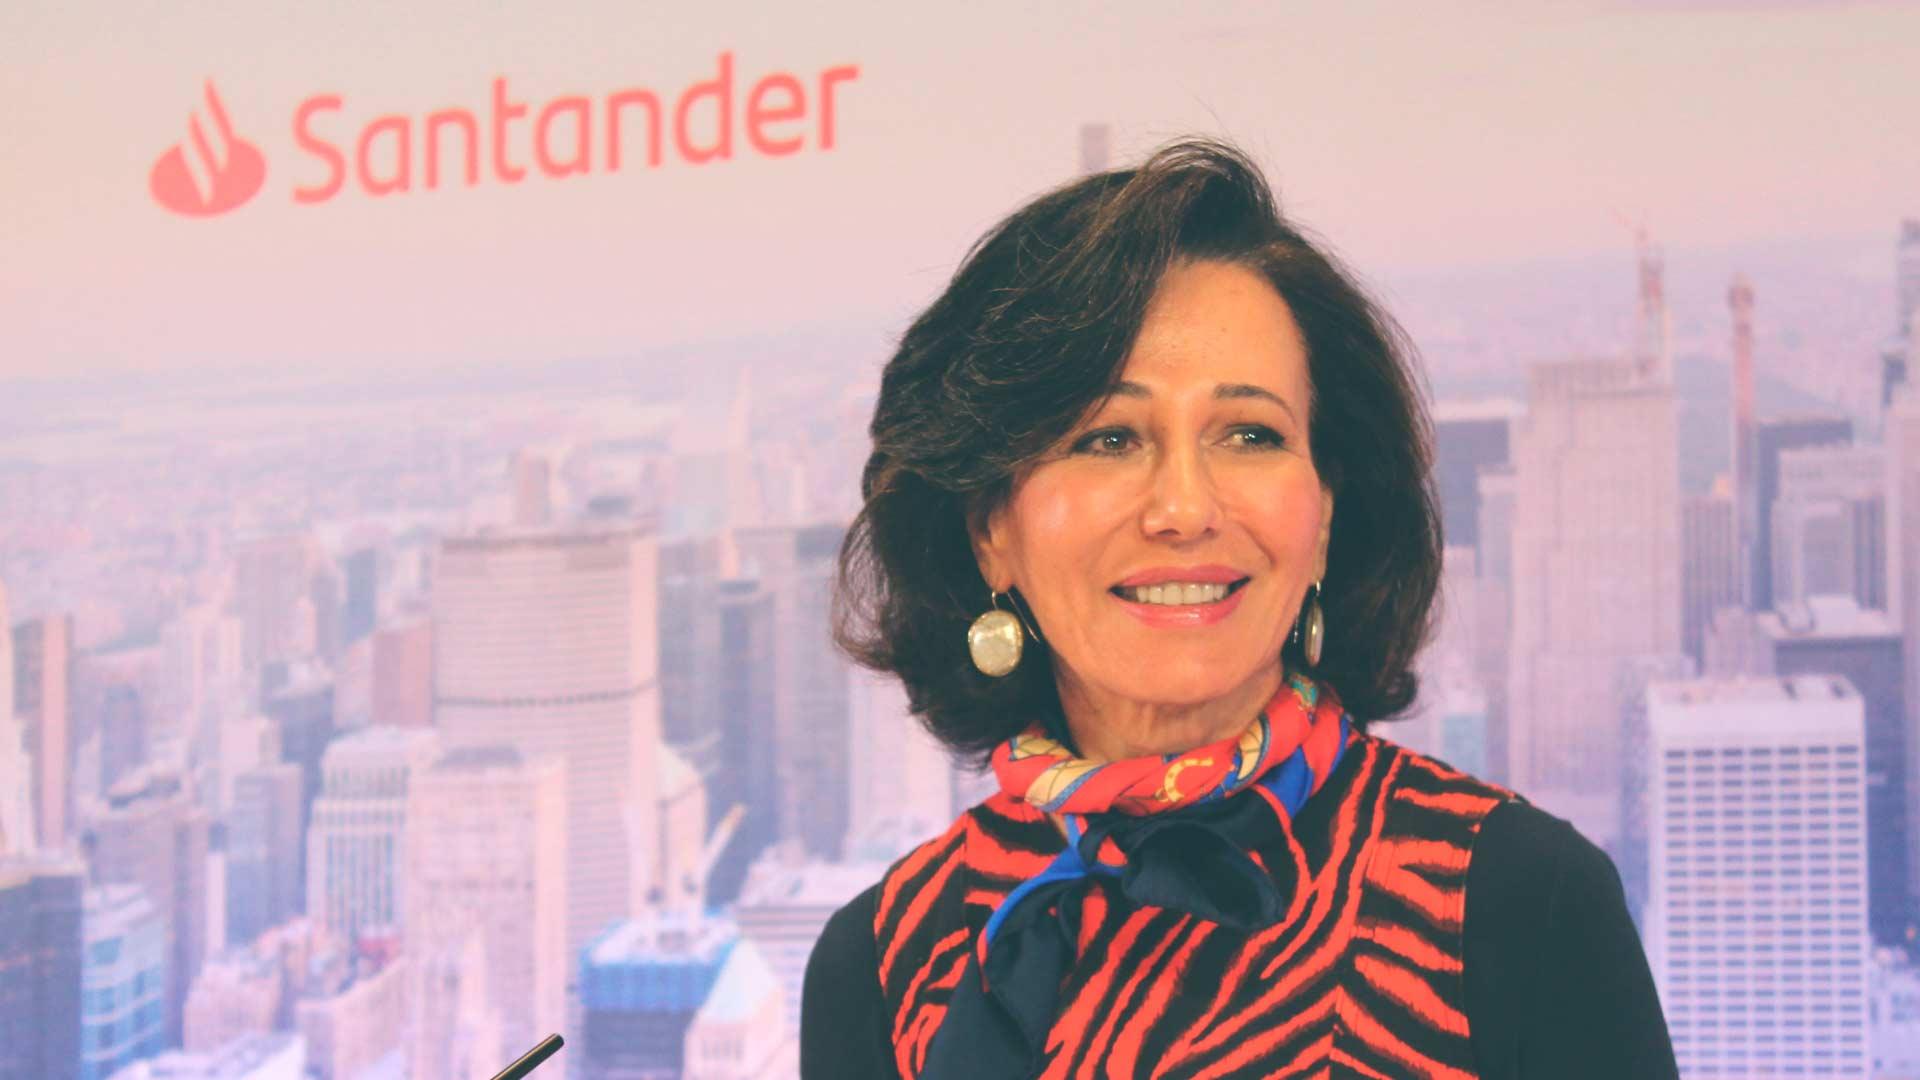 ¿Invertir en Santander tras sus resultados? Esto opinan los mayores expertos